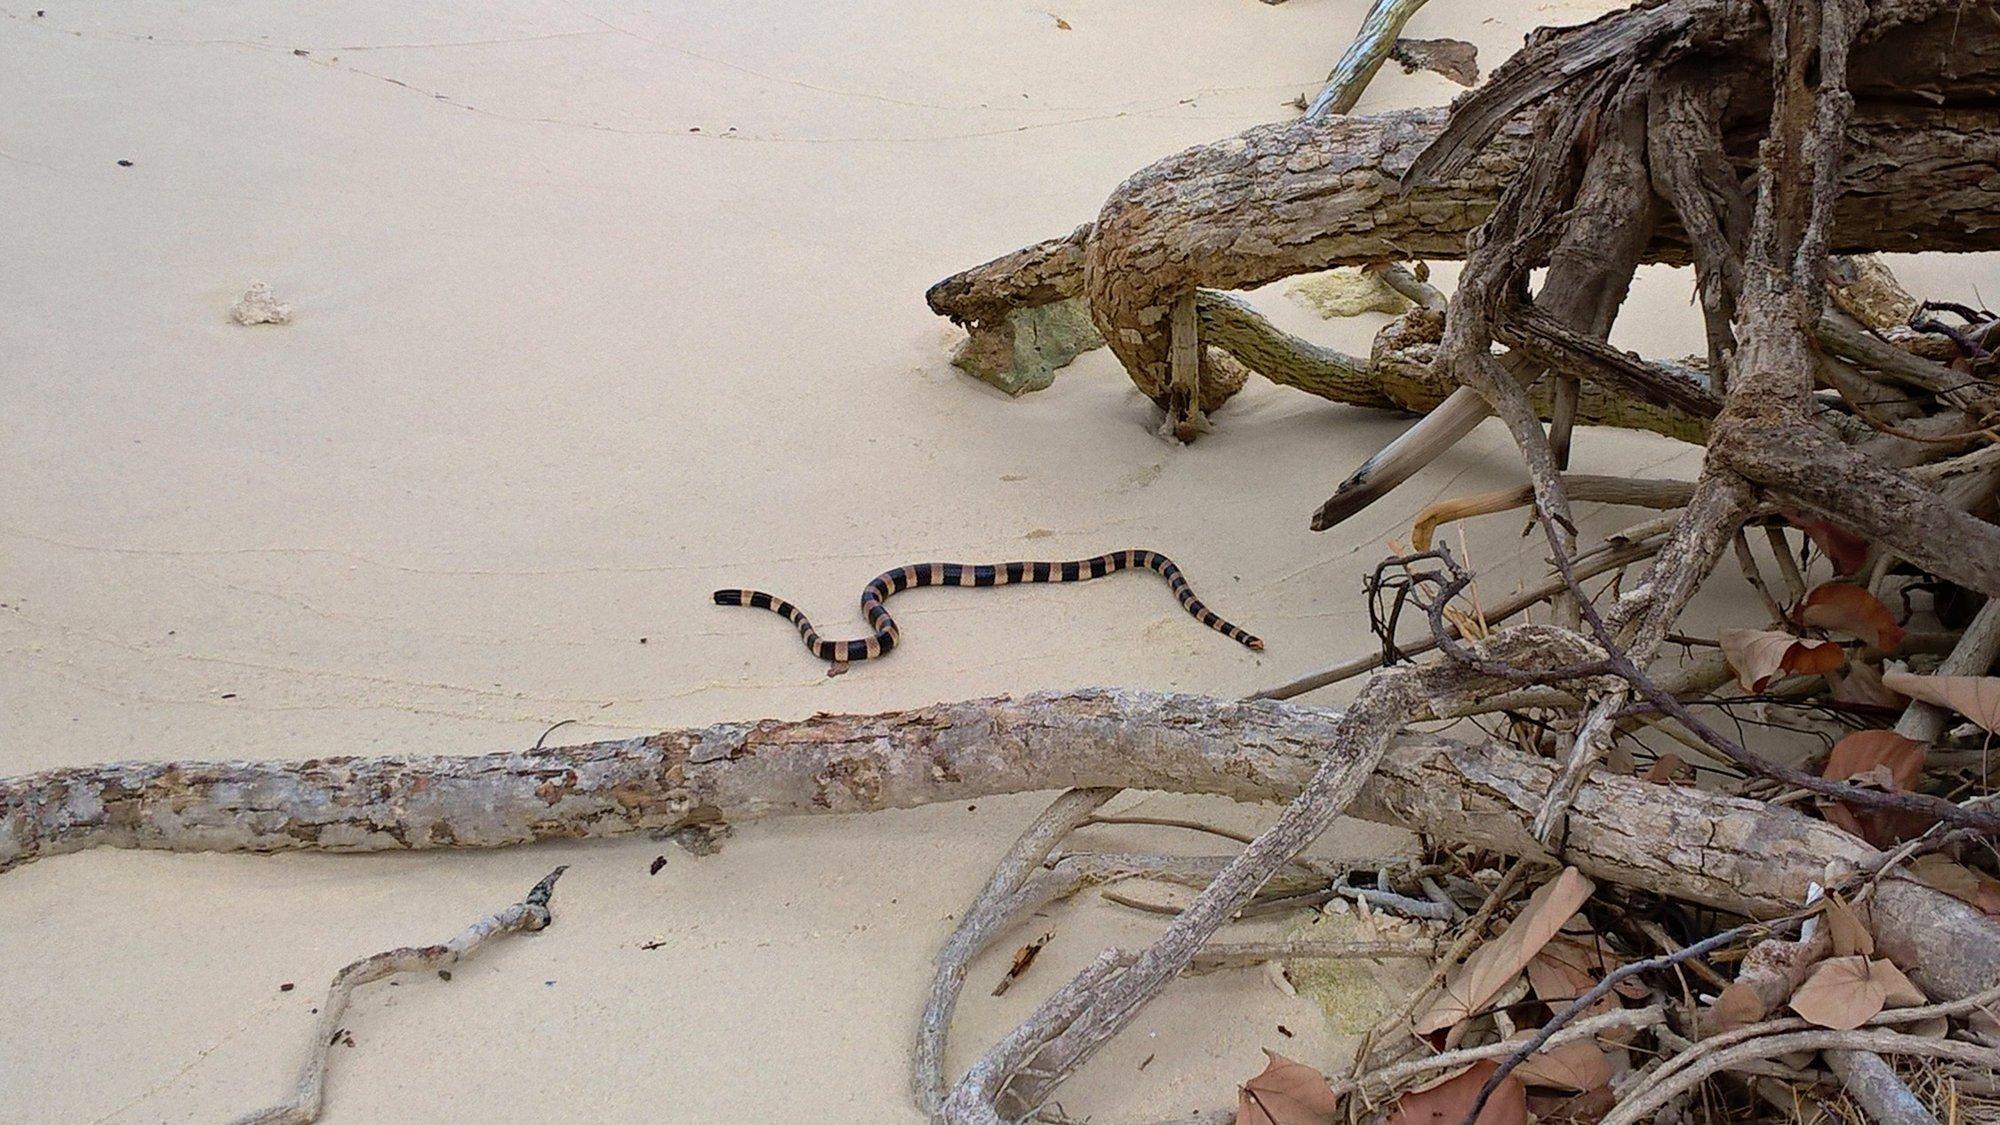 Smrtelně jedovatého hada korálovce se nemusíte moc bát